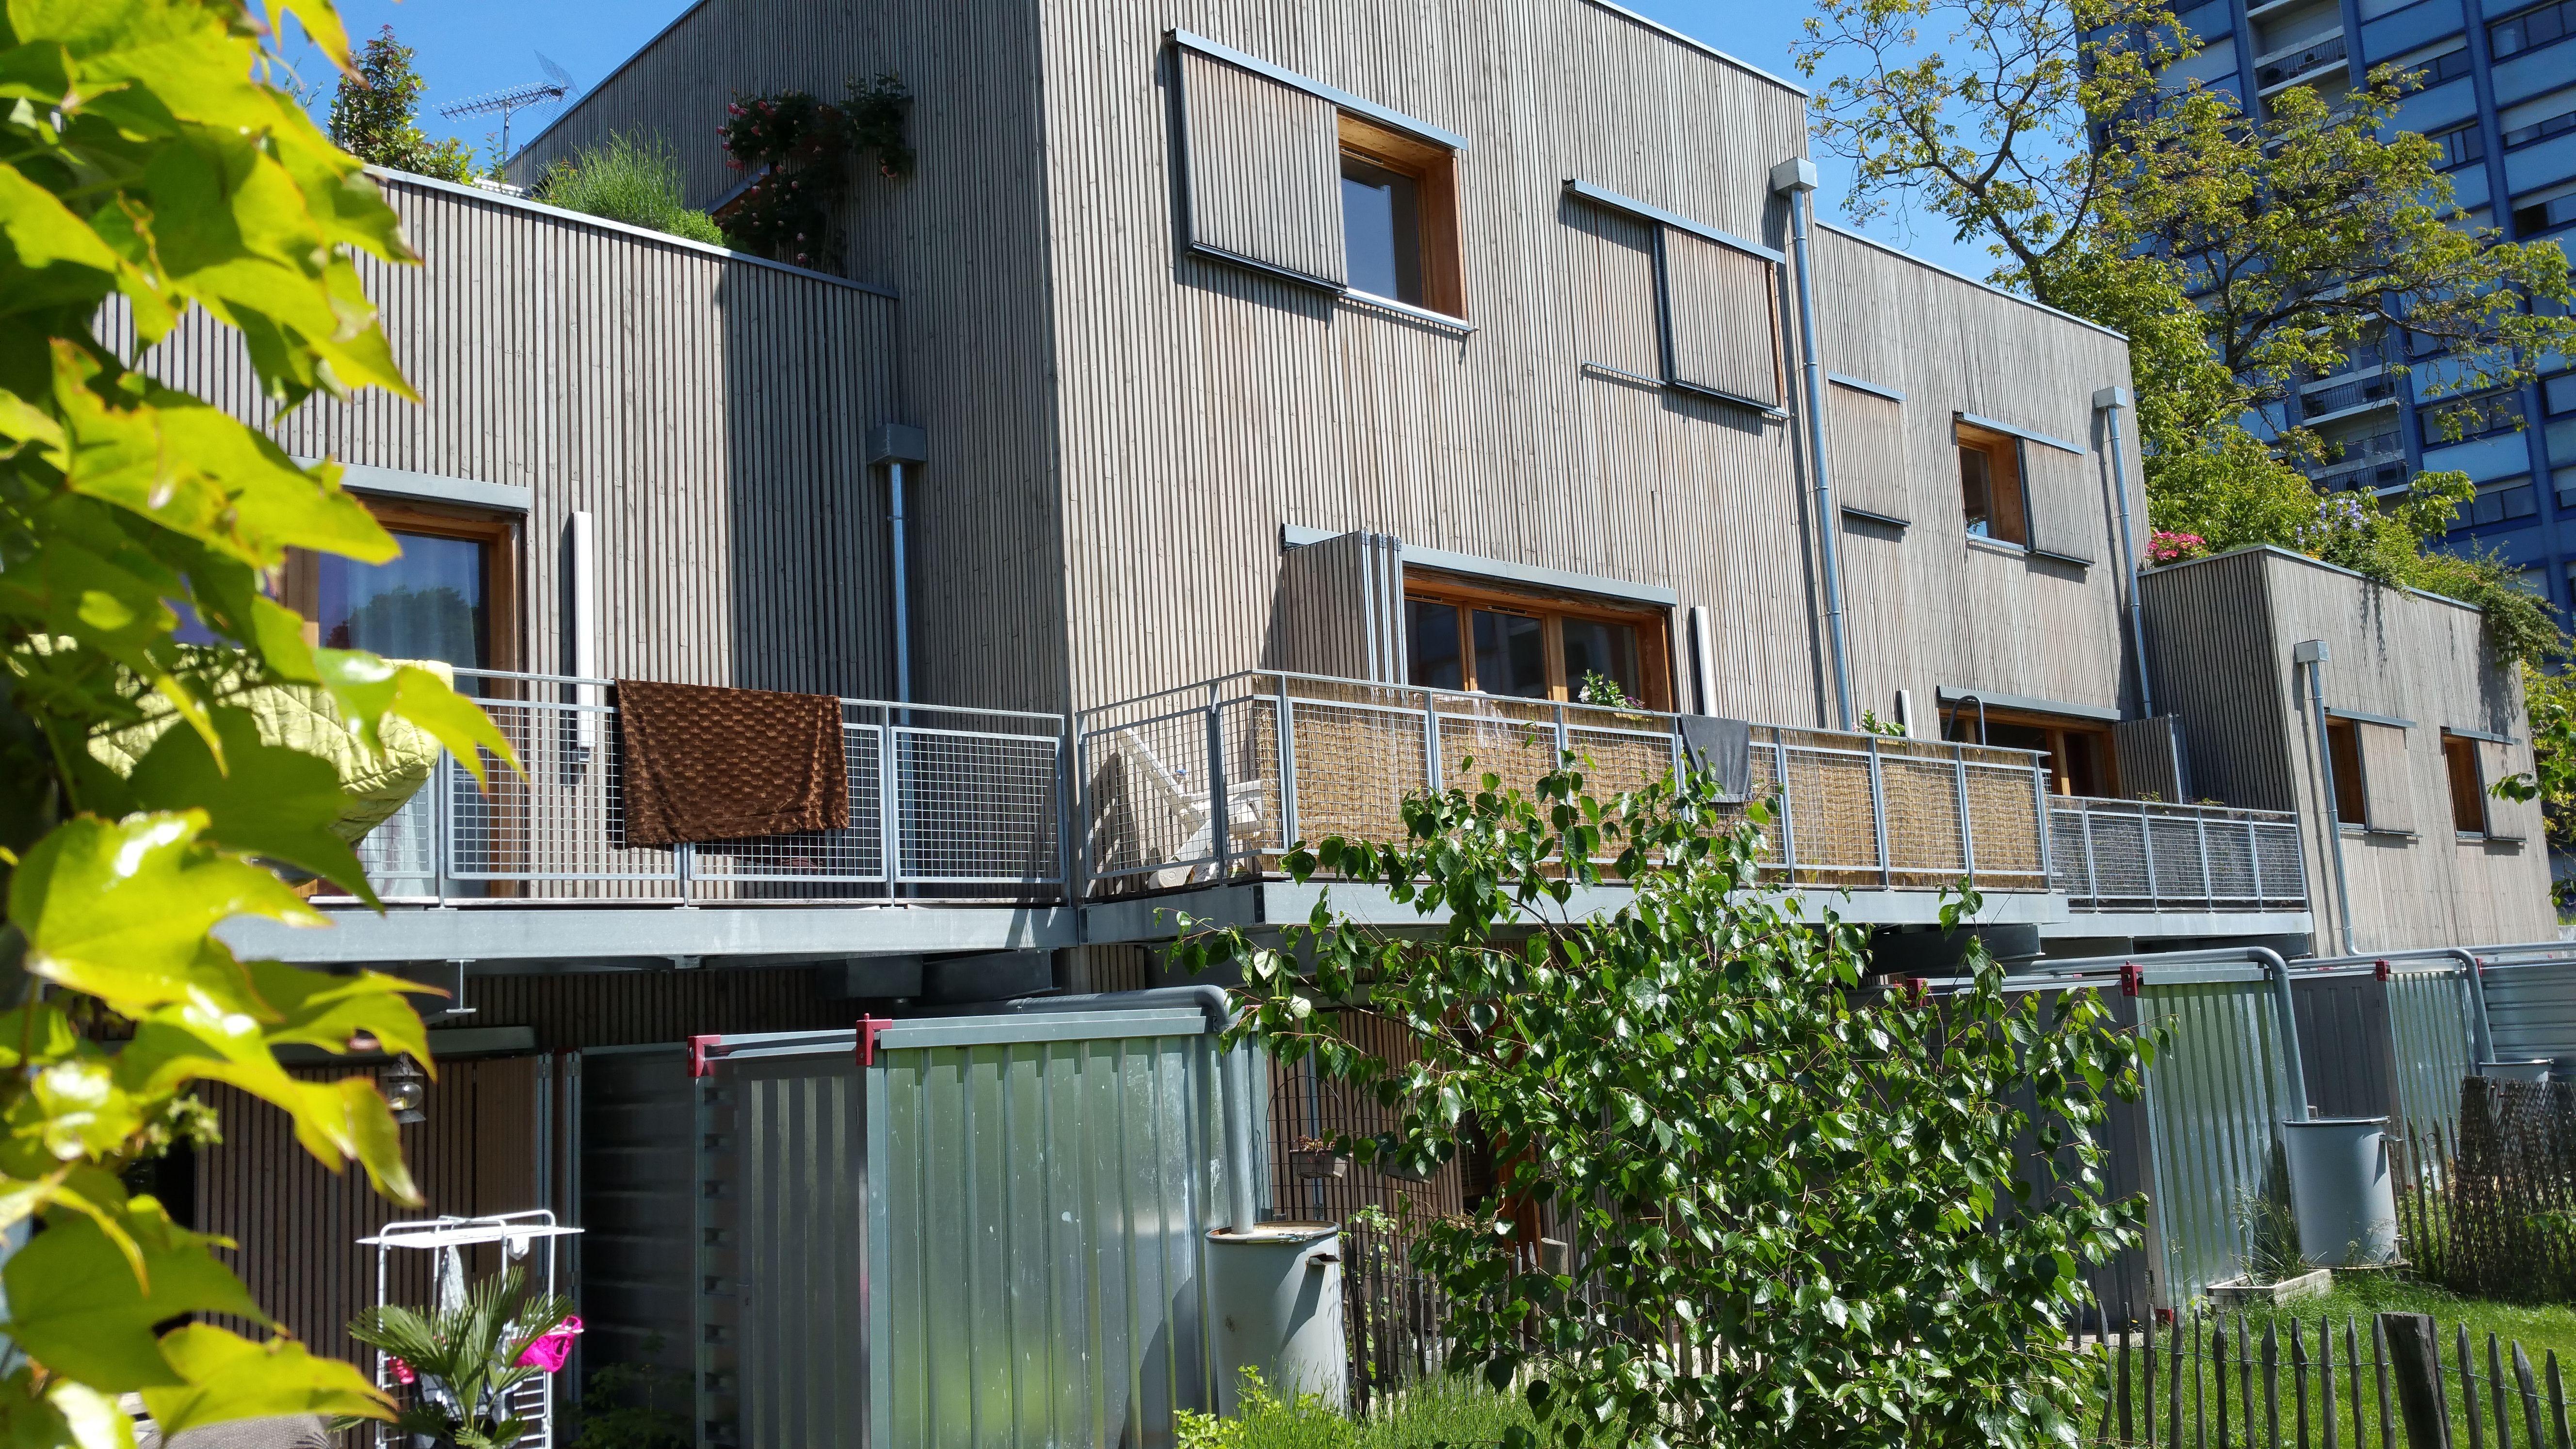 Maison En Bois Annecy bardage carrelets mélèze sur ossature isolé en fibre de bois